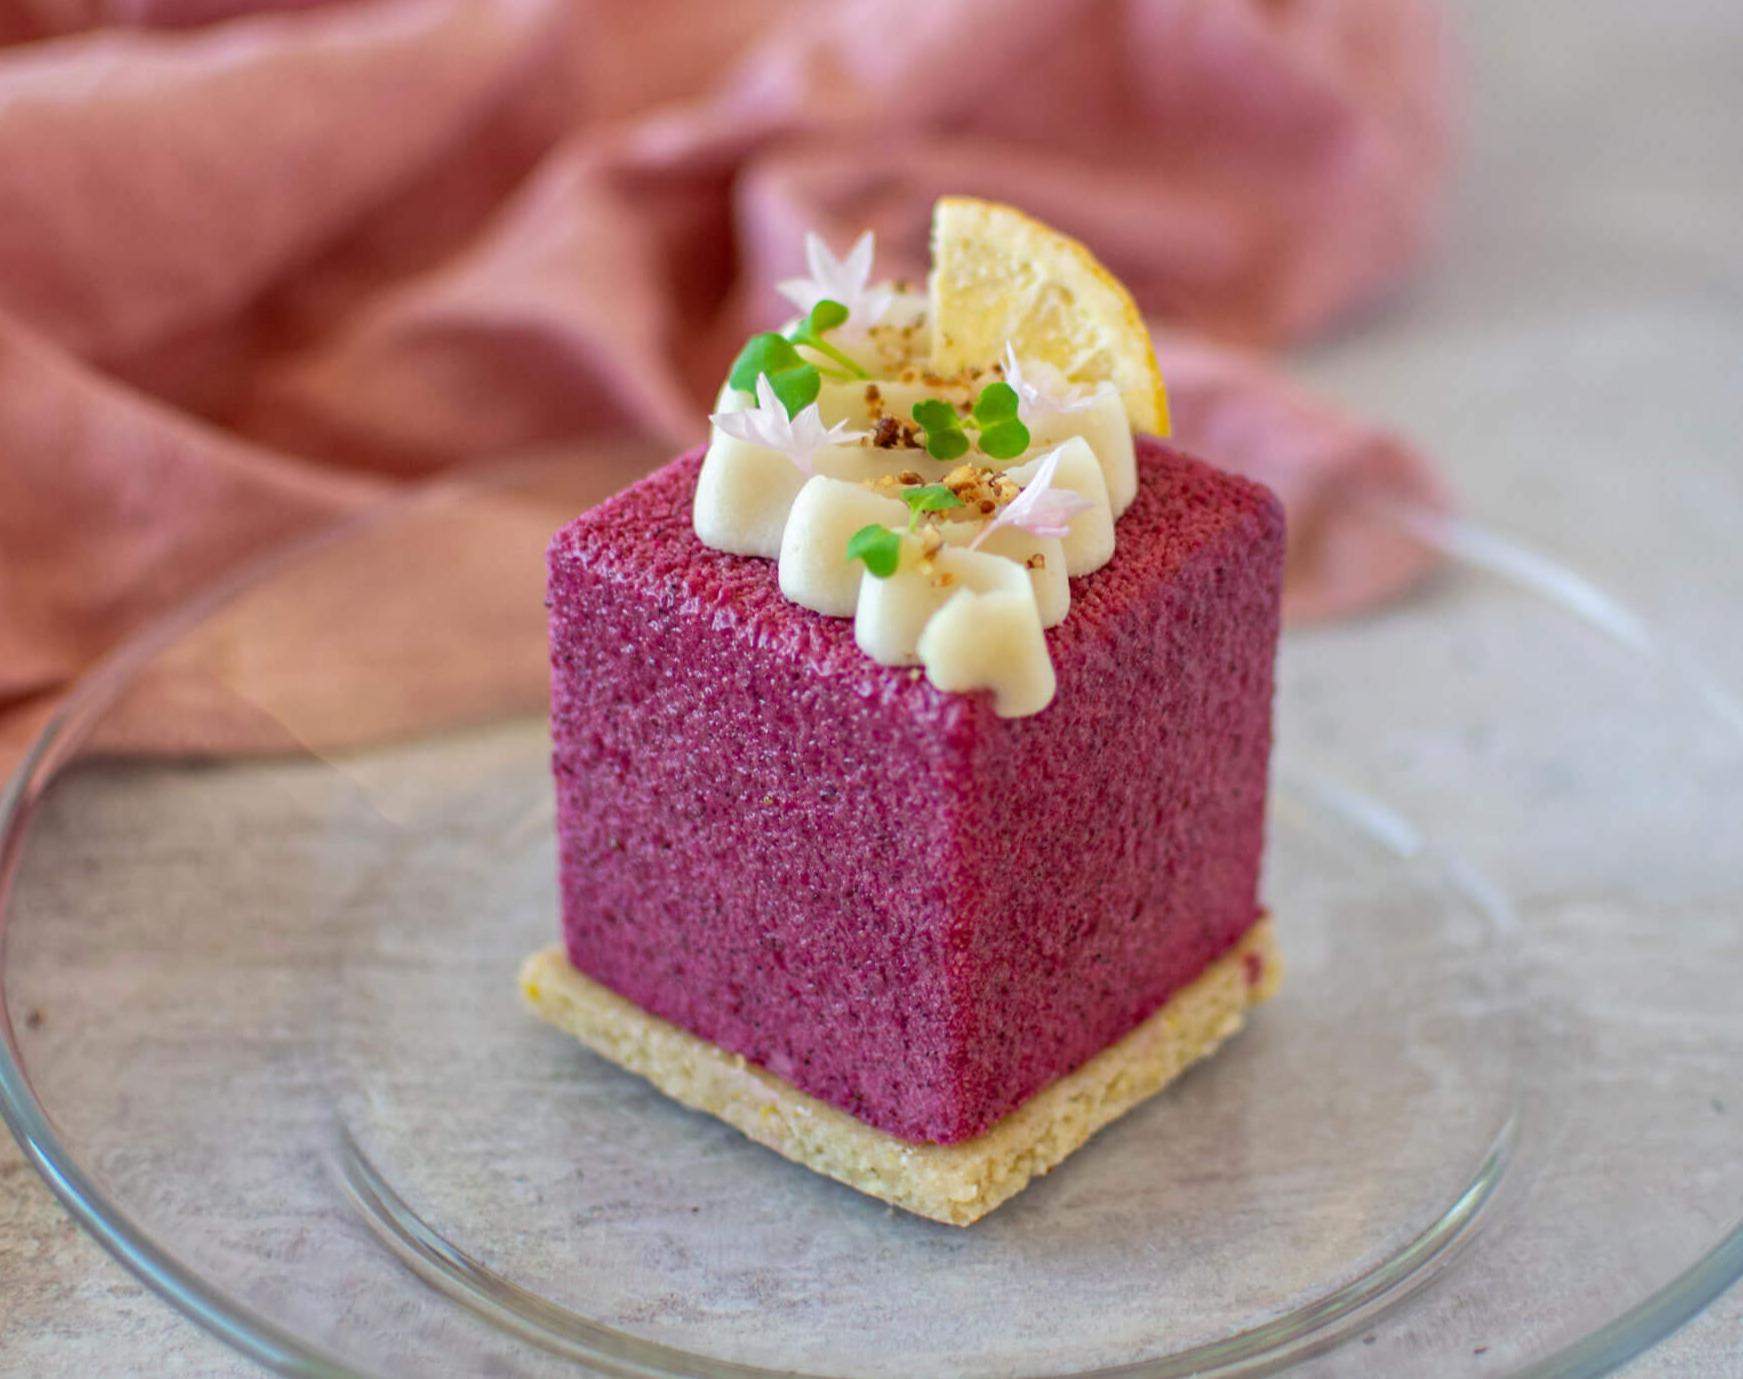 Velour Finish on Cakes